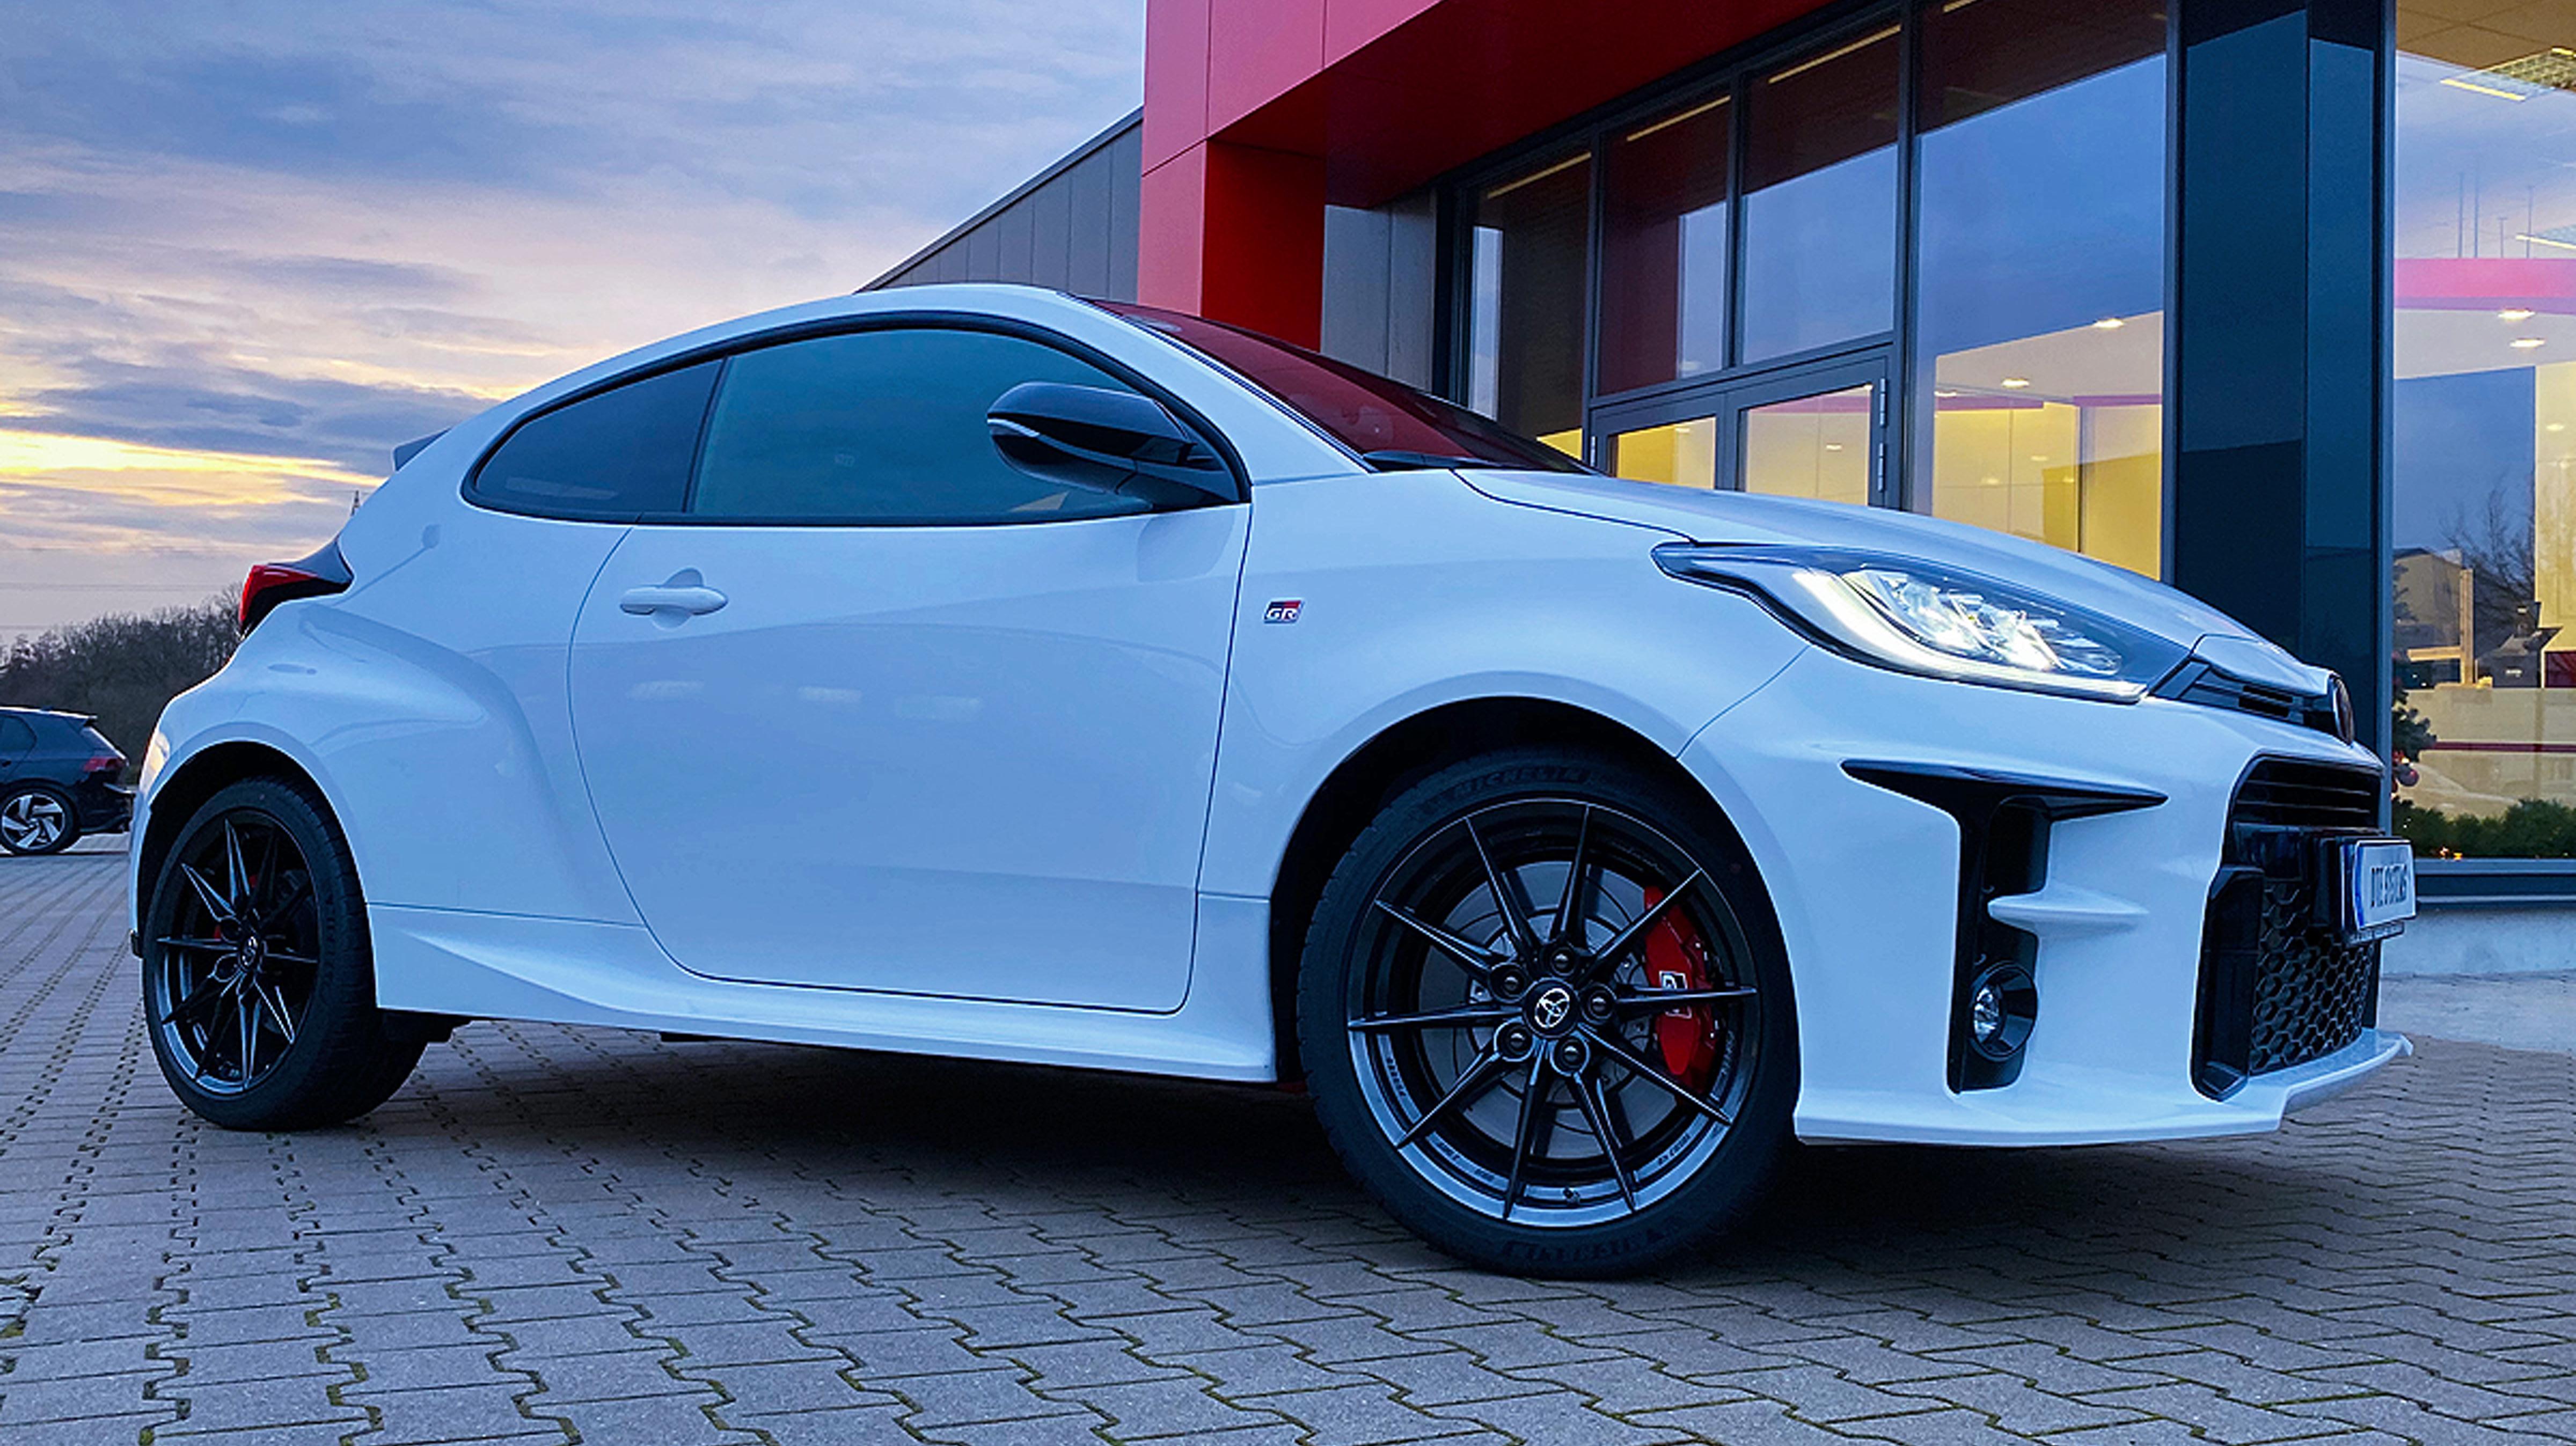 Toyota GR Yaris: Tuning für mehr Leistung und weniger Verbrauch